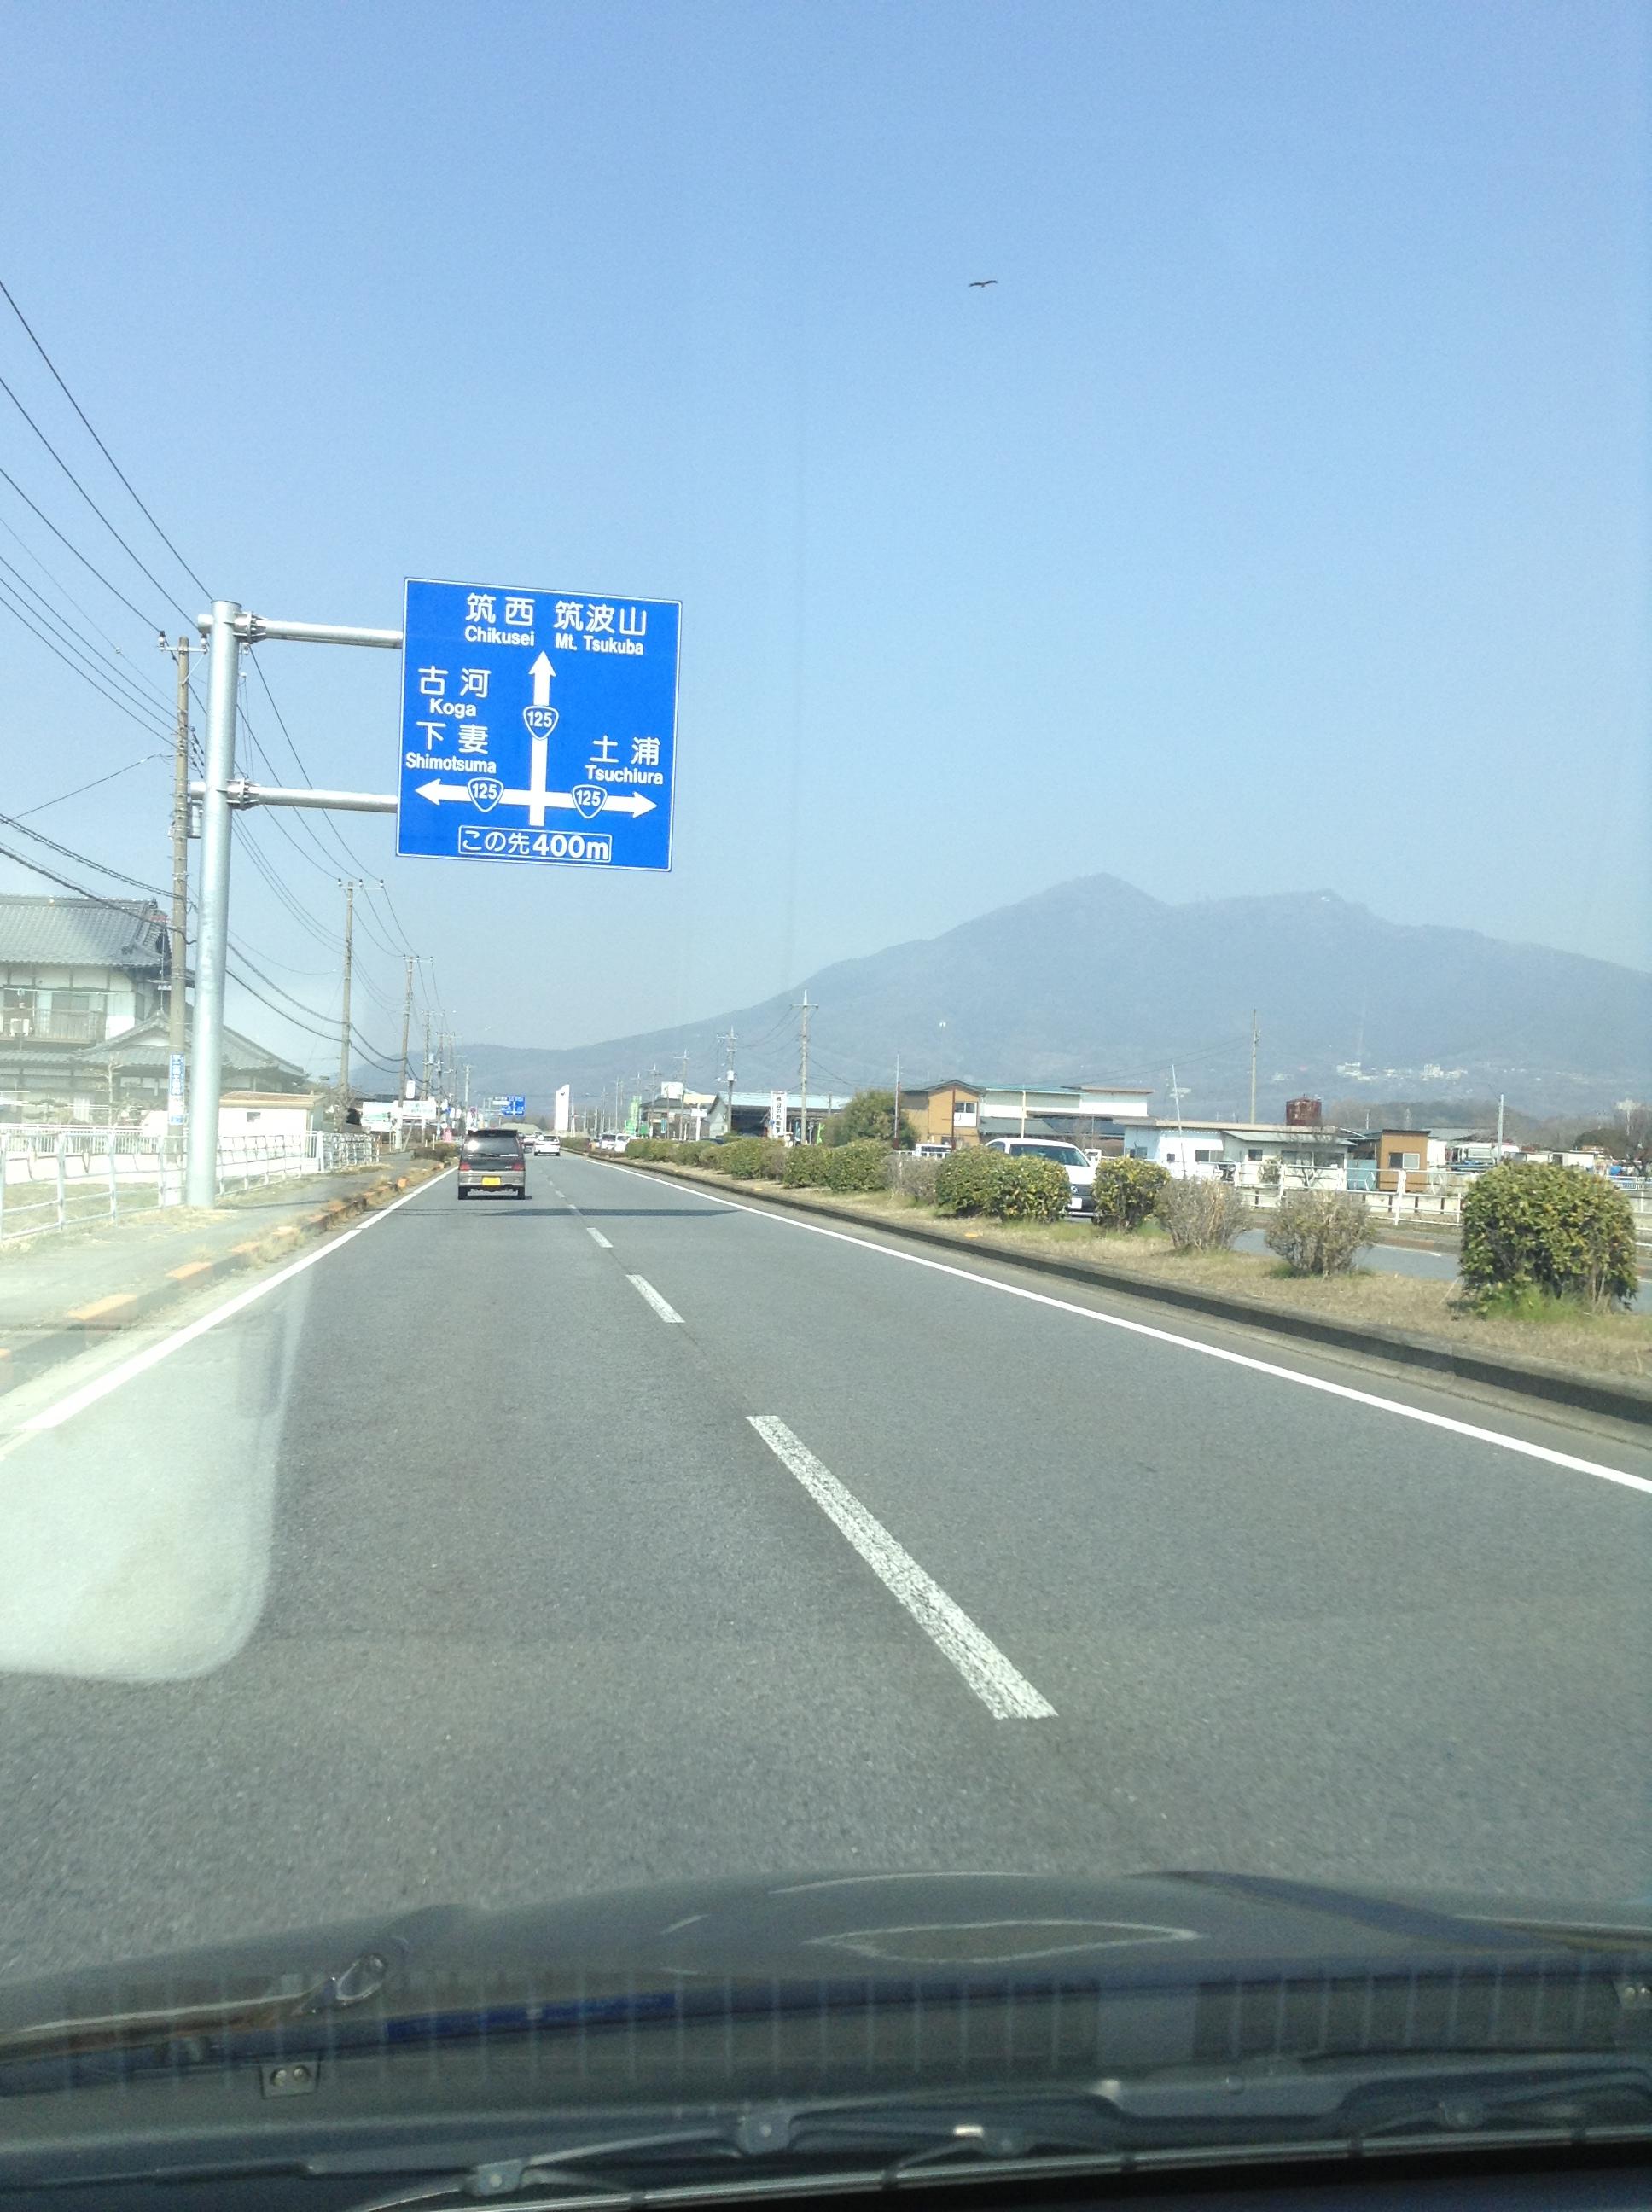 田中の交差点